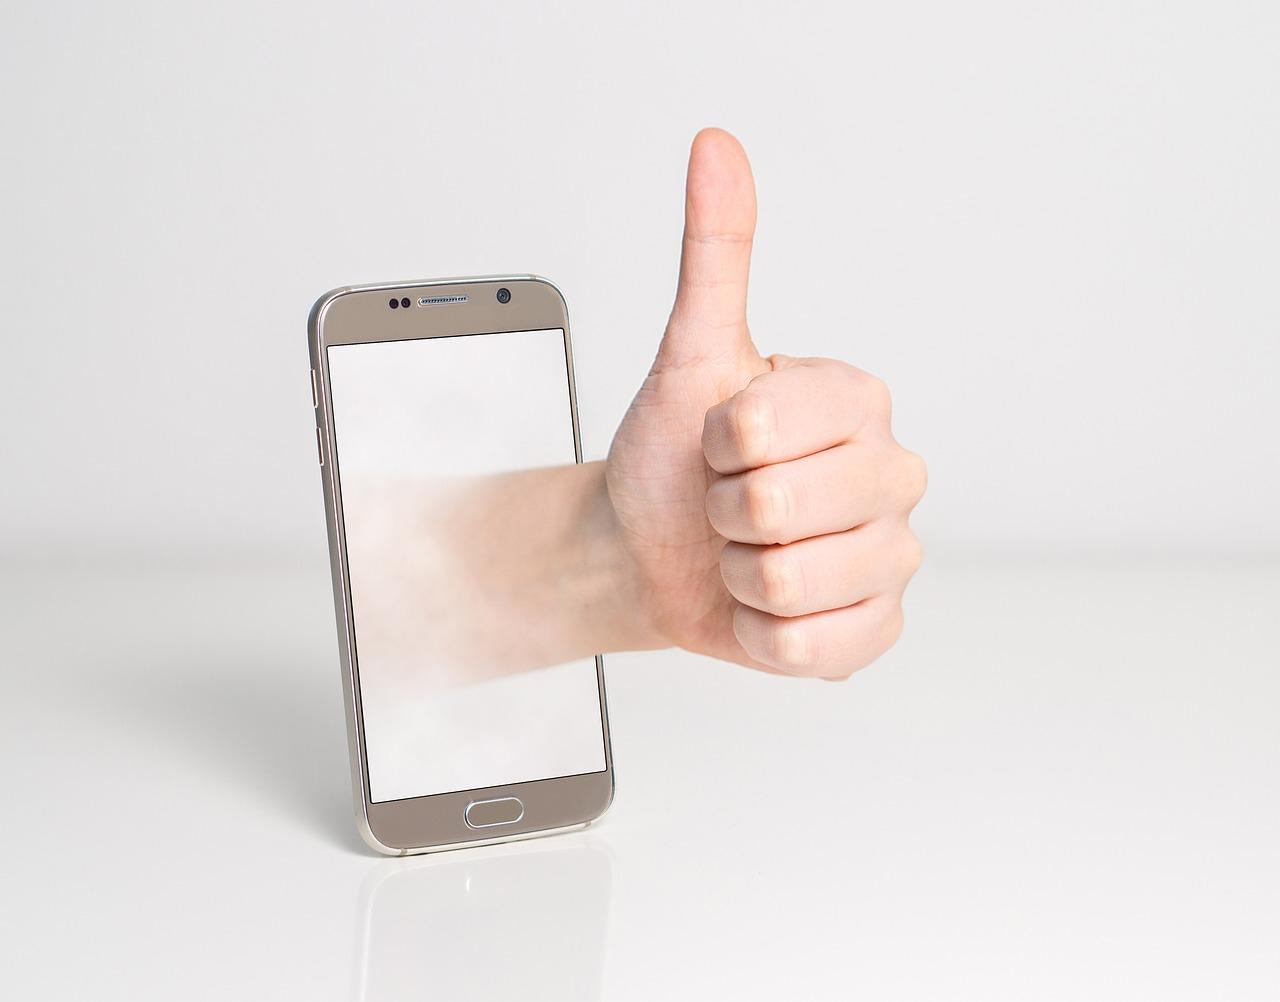 thumbs up - Как скачать видео с ютуб на телефон Андроид